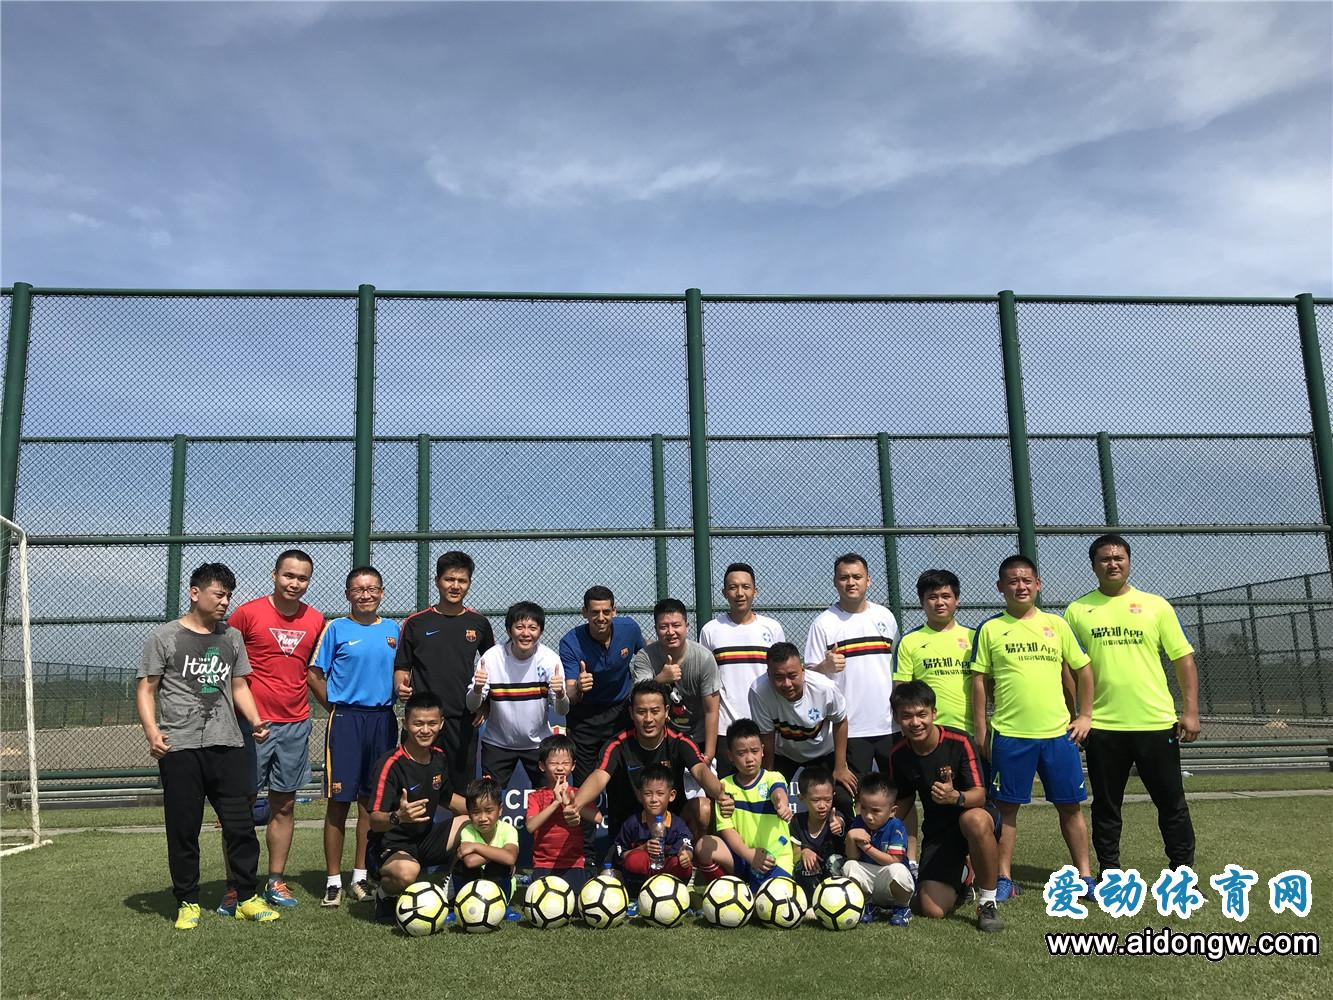 海口巴萨足球学校首个媒体开放日成功举办  足球主题冬令营火热招生中